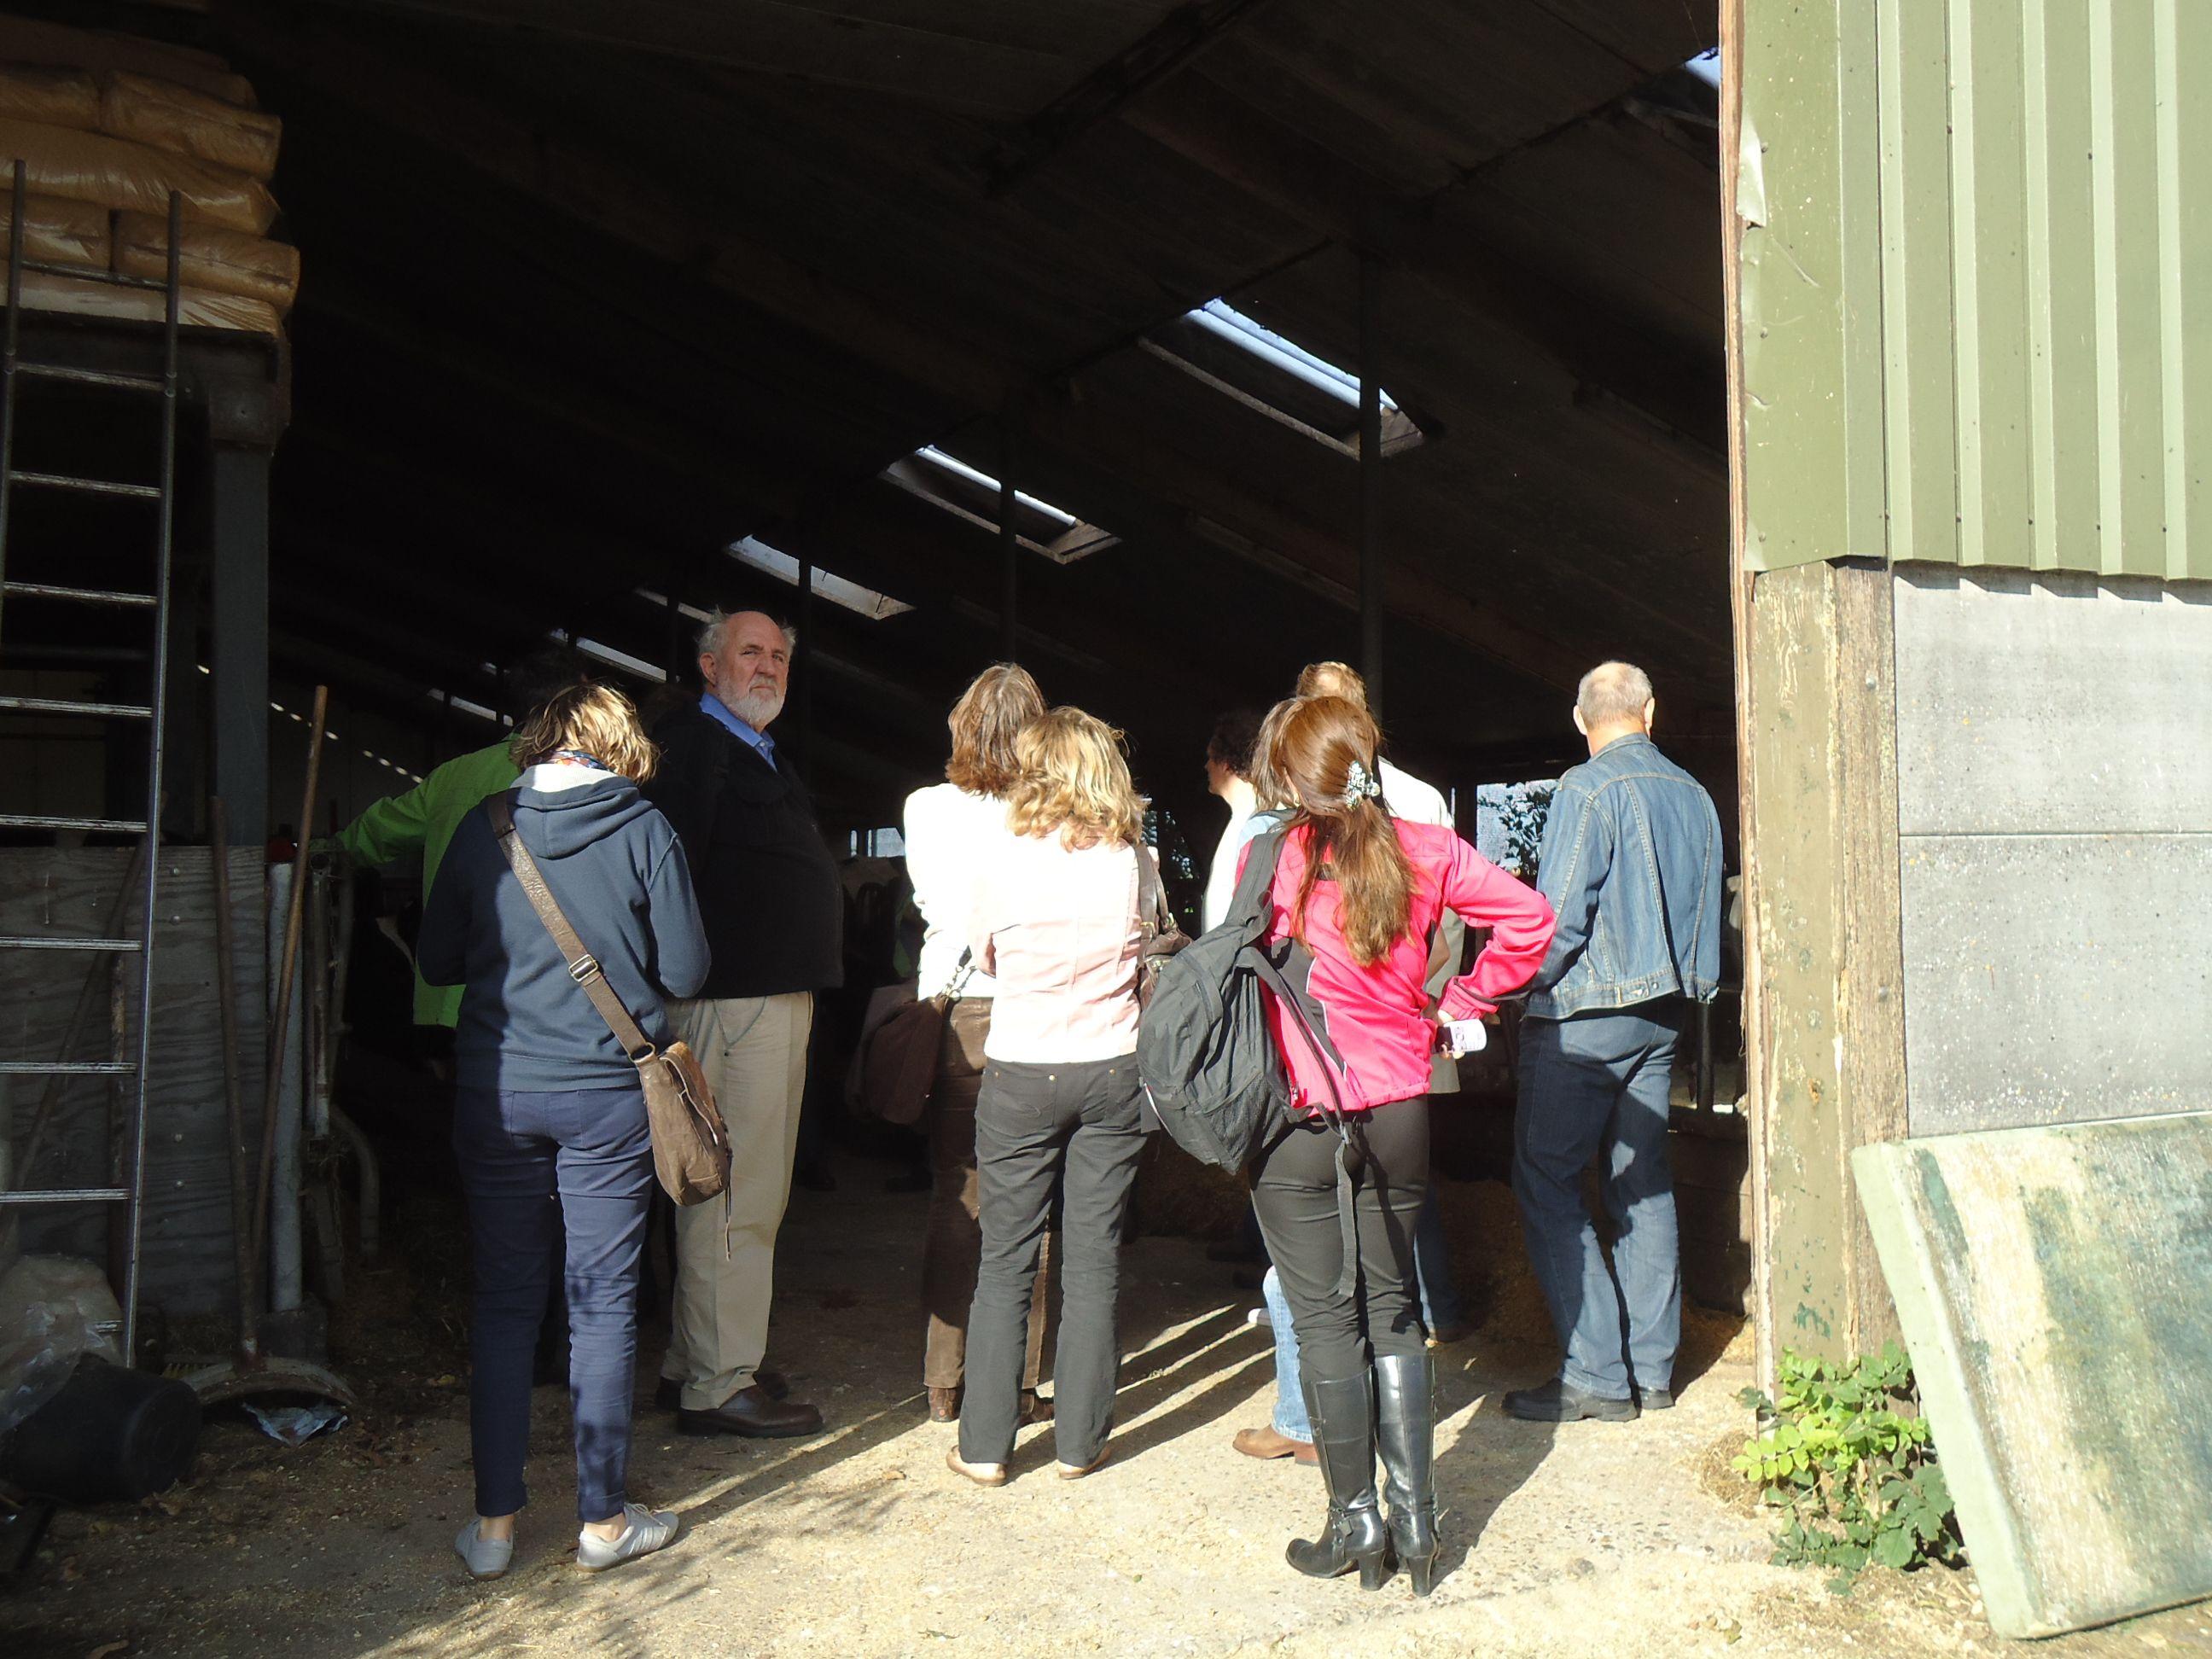 Wij vertellen u graag over onze werkzaamheden op de boerderij Hoeve Meerzicht.